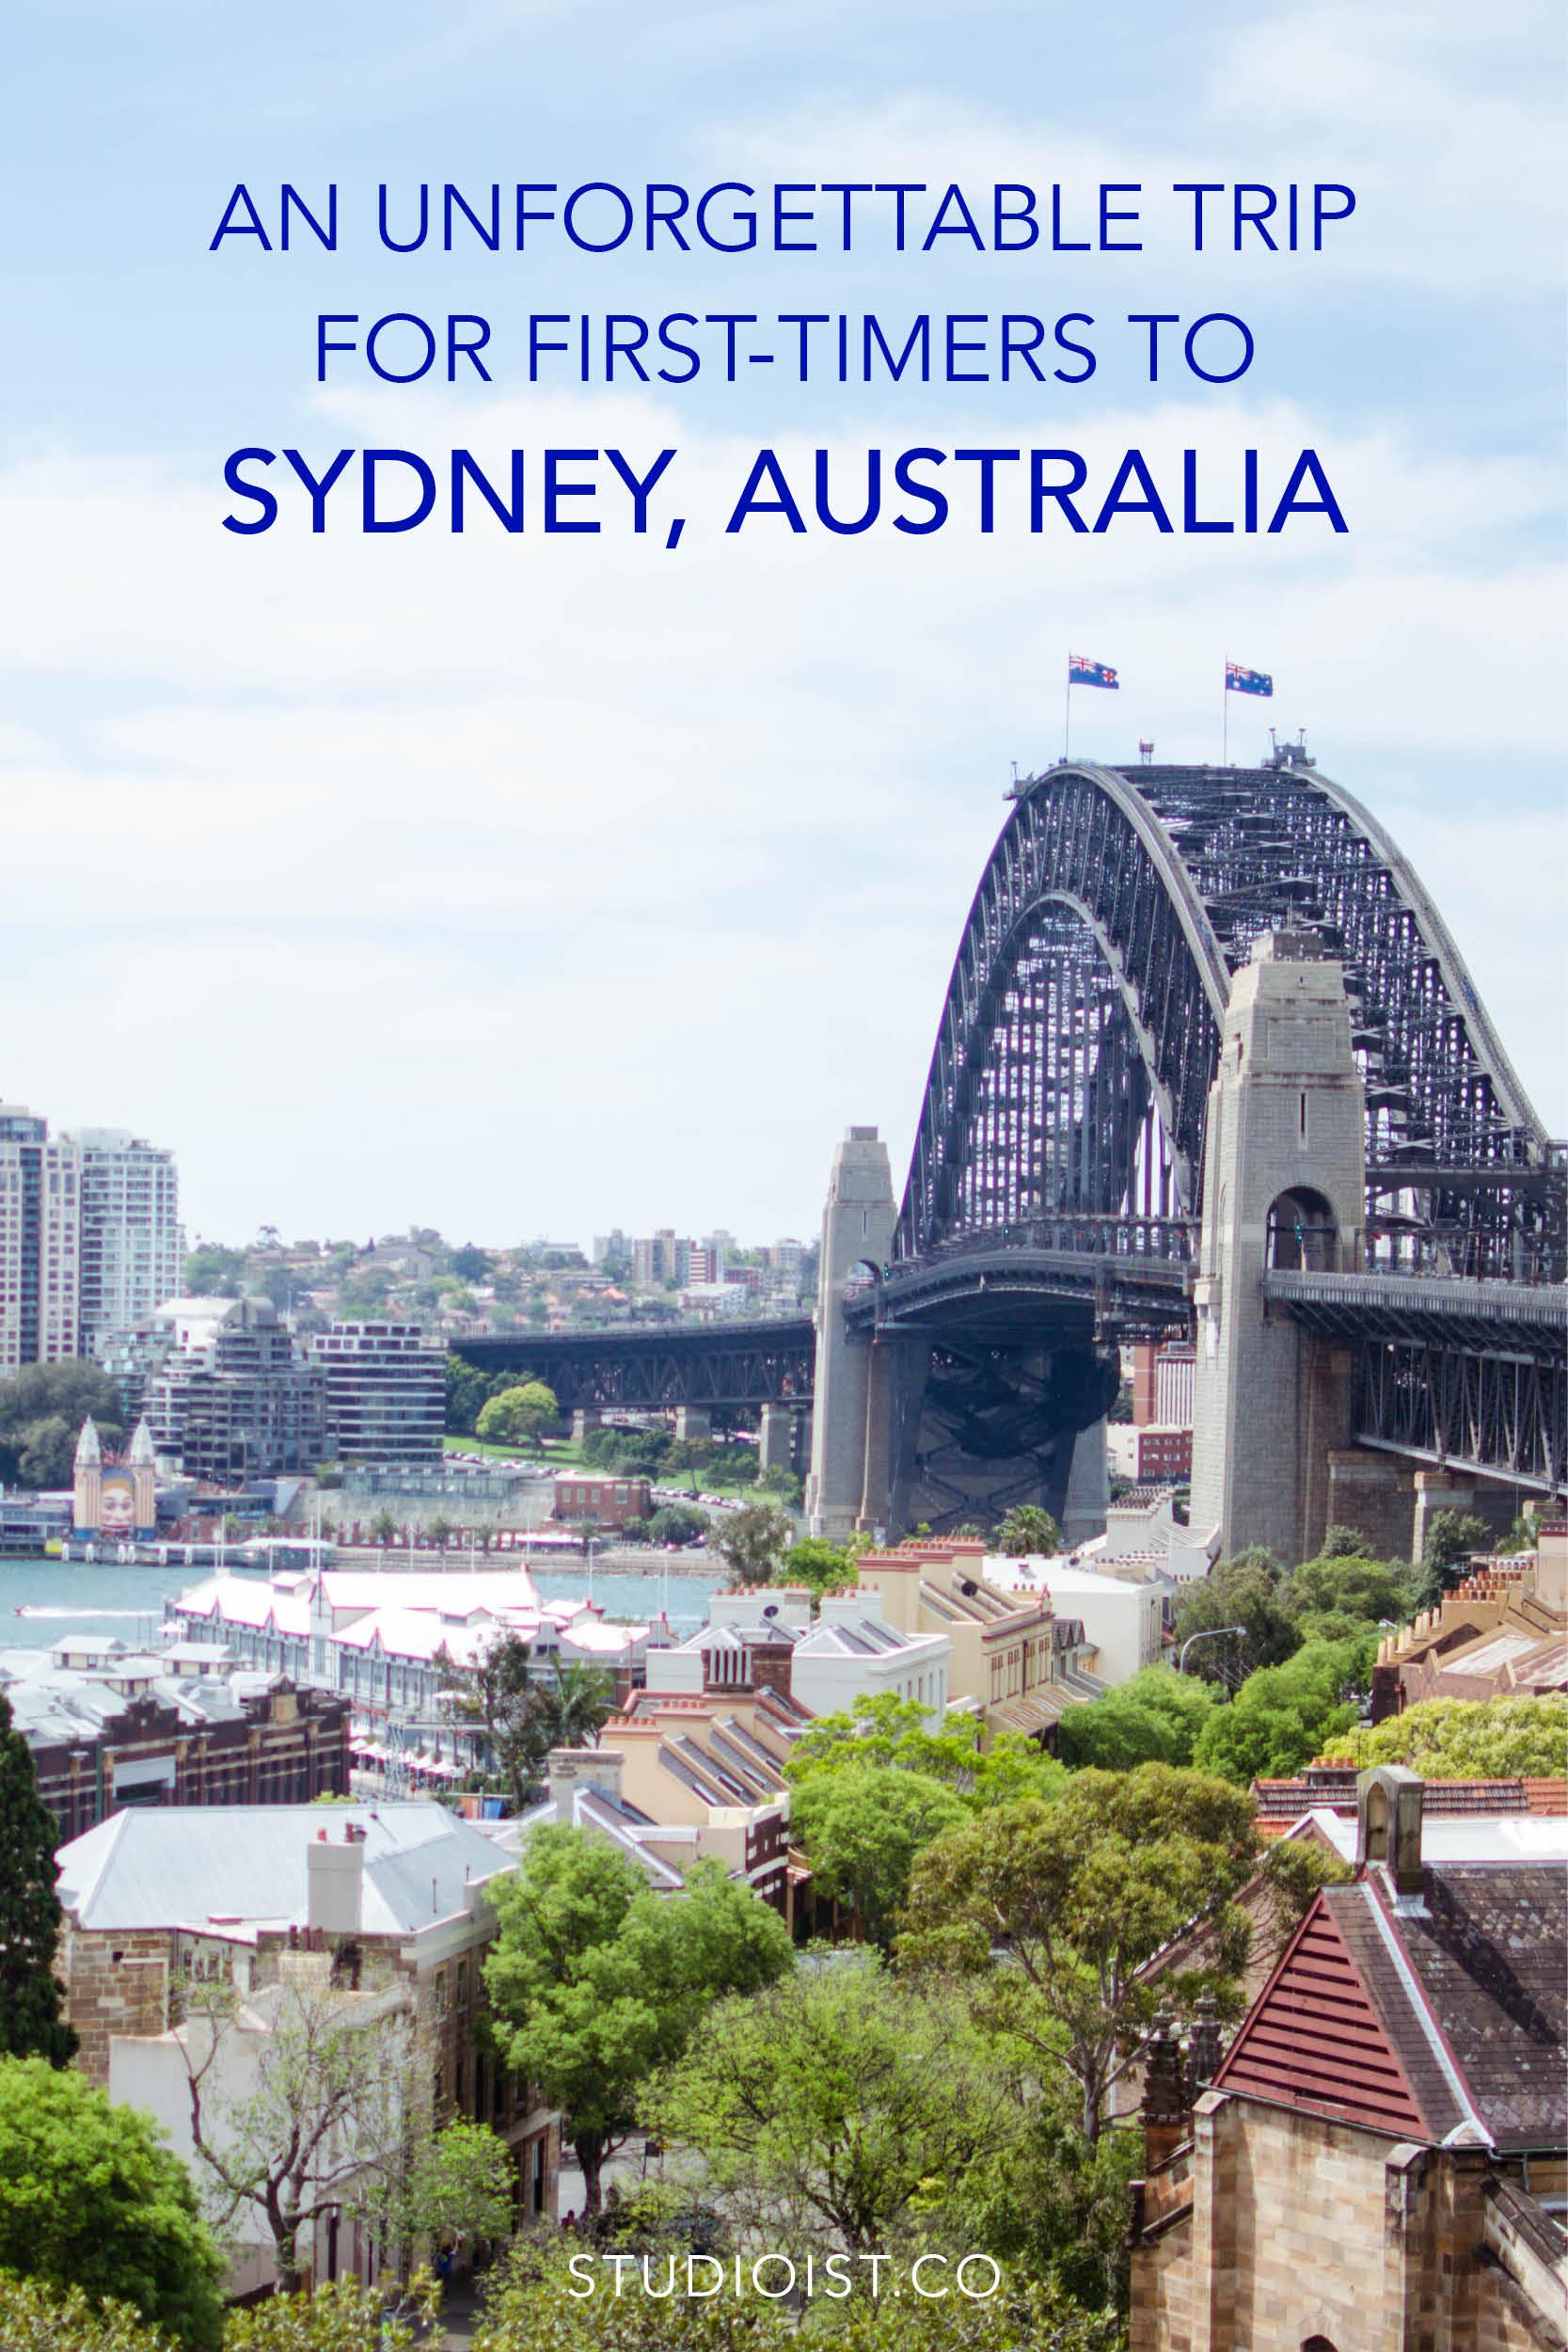 Travel Itinerary - 14 Days in Sydney Australia - Unforgettable Trip.jpg